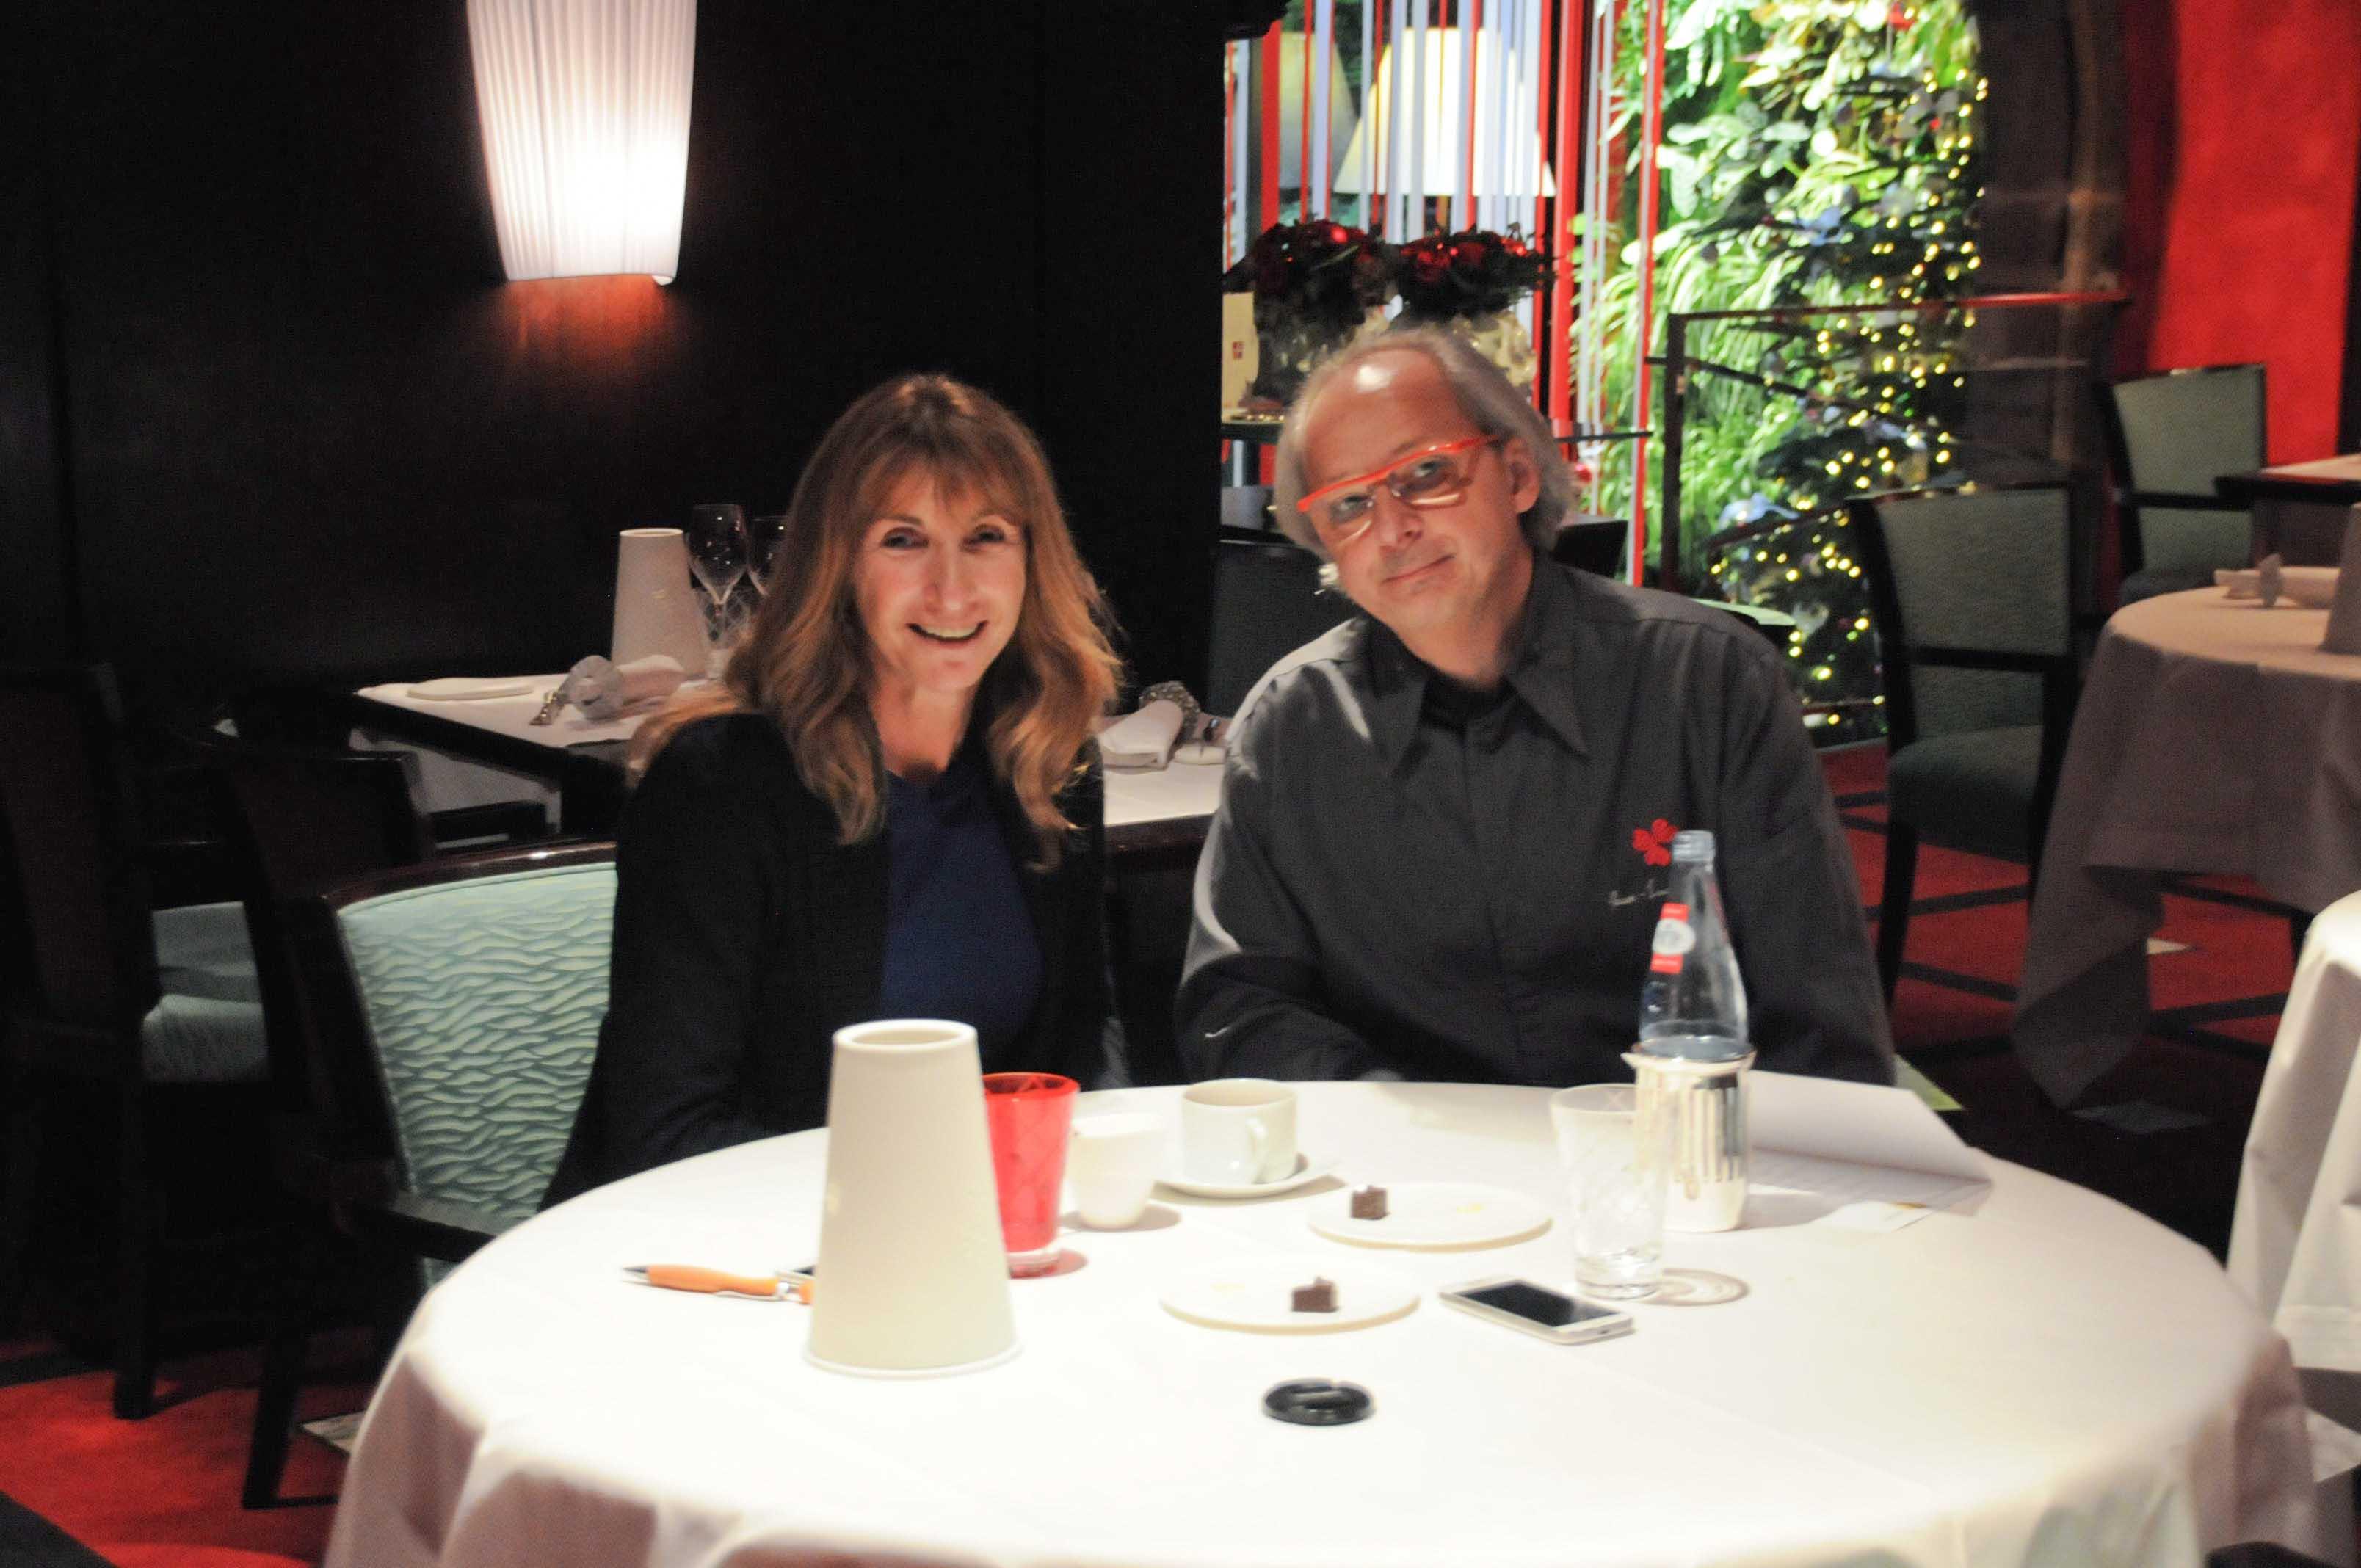 Jean luc brendel la table du gourmet riquewihr 28 - Restaurant riquewihr table du gourmet ...